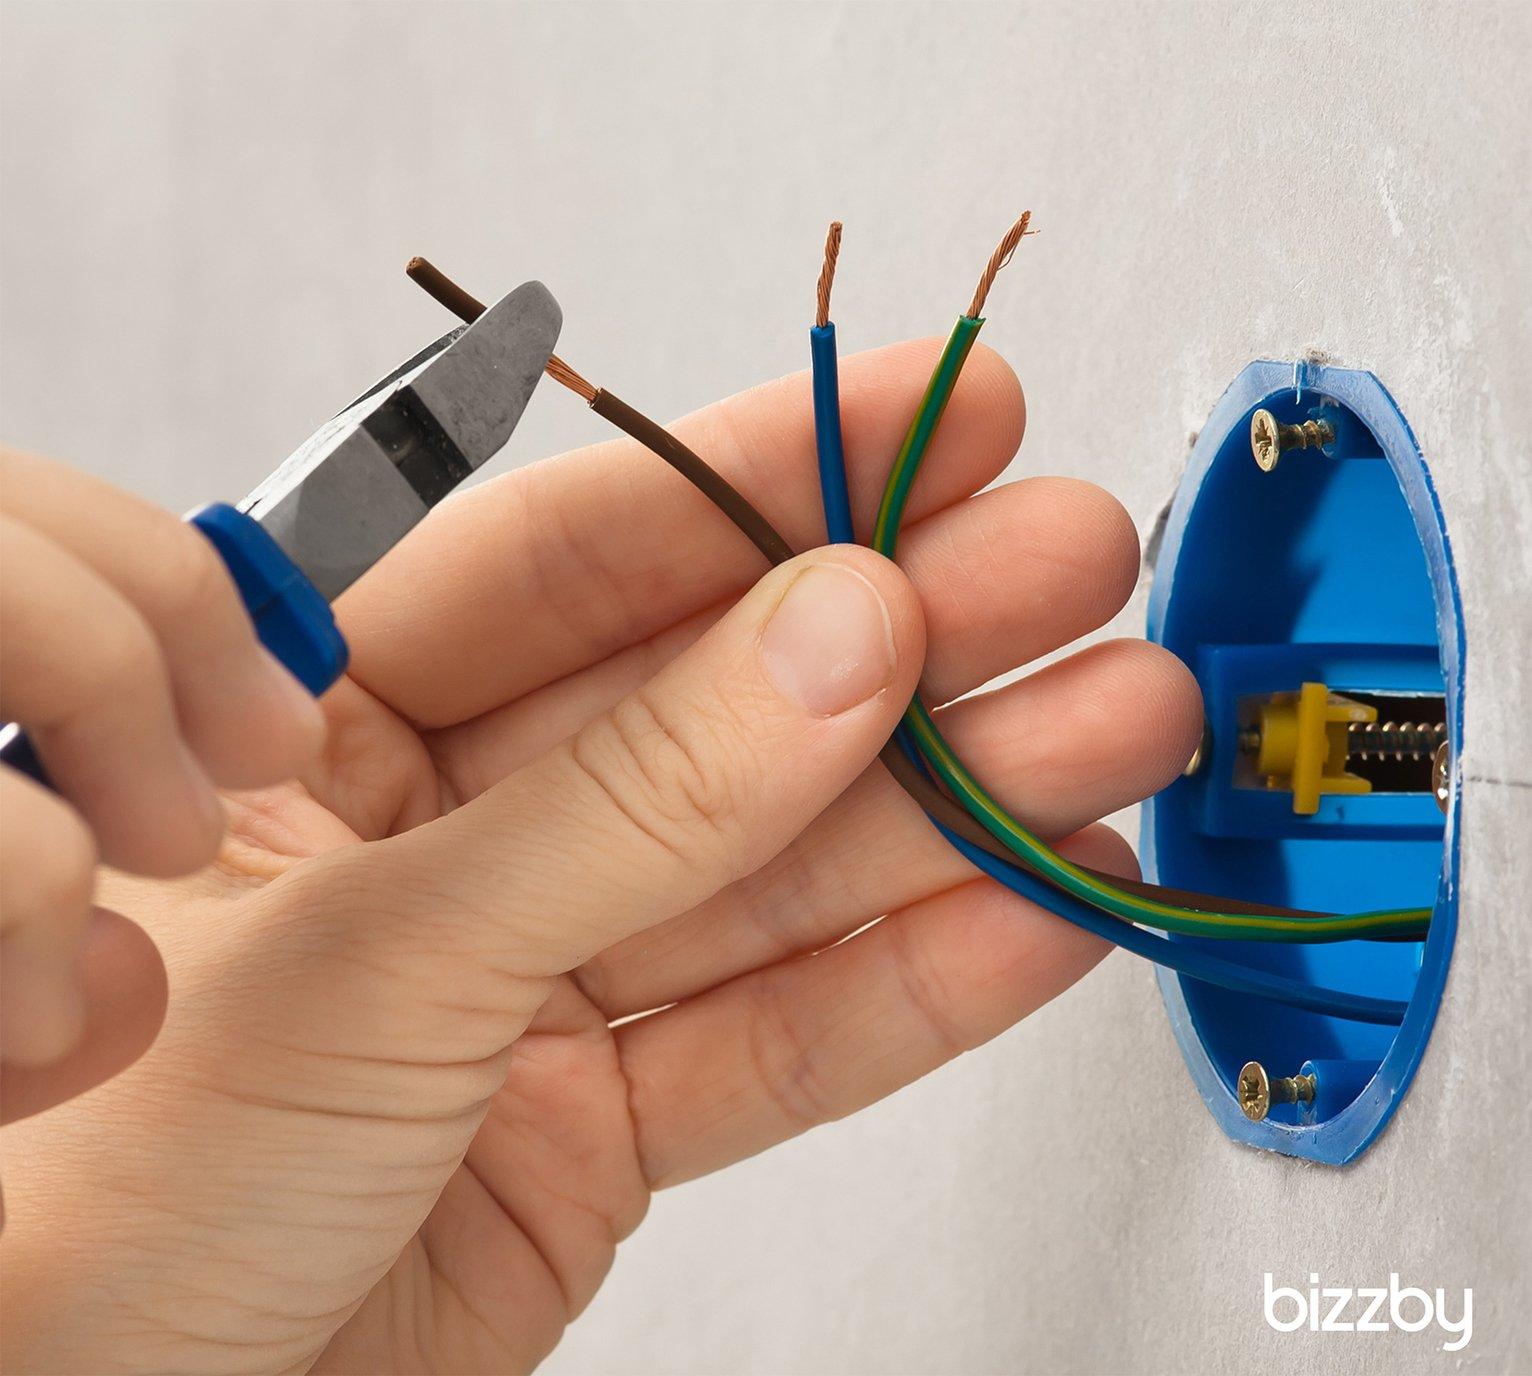 Image of Ring Video Doorbell Pro Installation